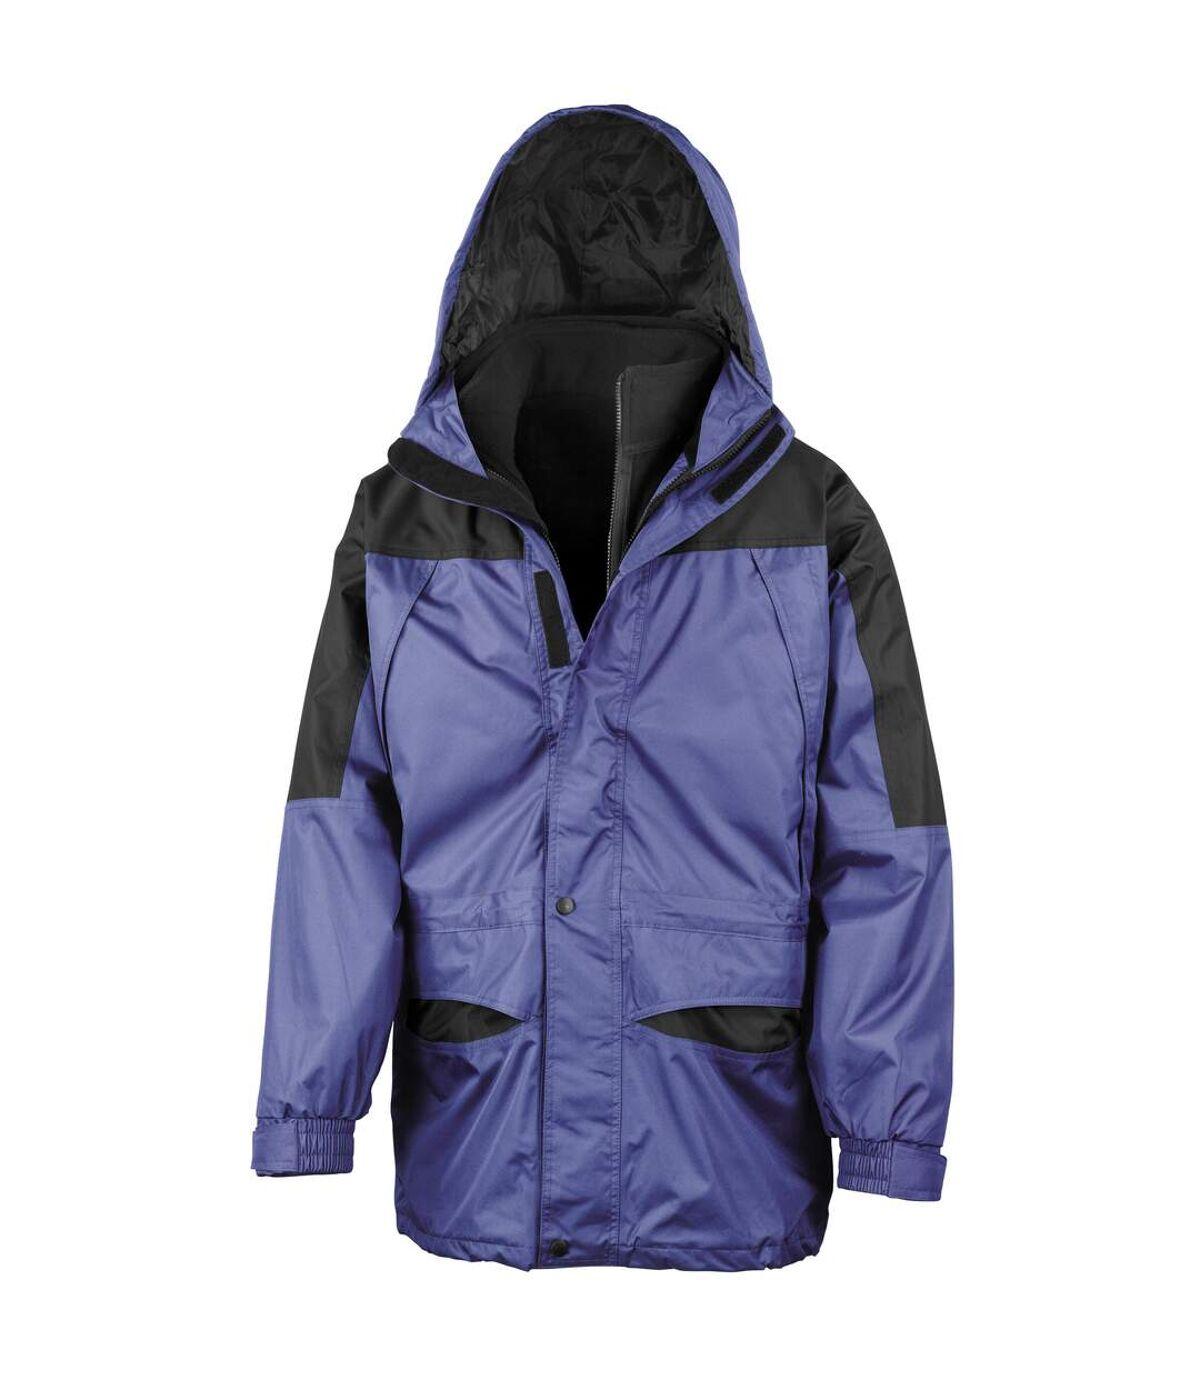 Result Mens Alaska 3-in-1 StormDri Waterproof Windproof Jacket (Royal/Black) - UTBC941